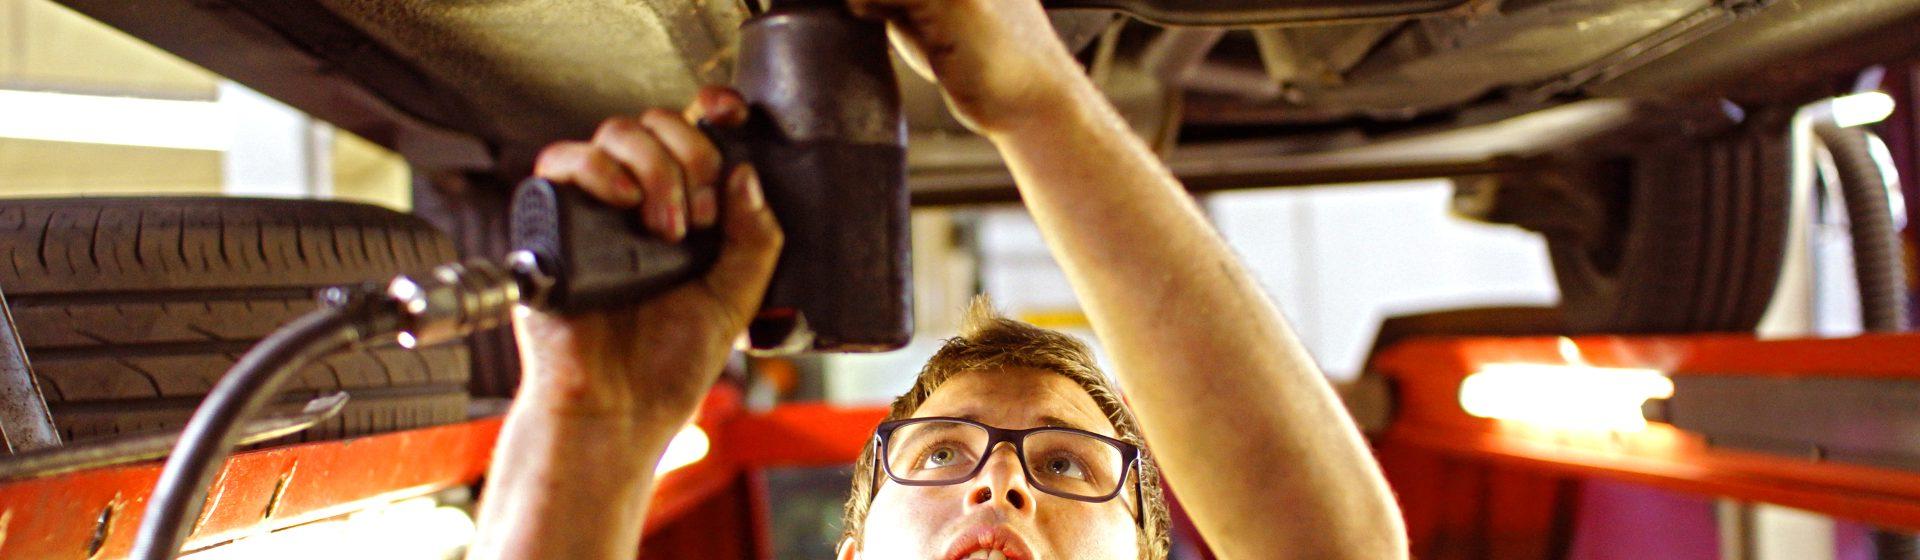 Premie autoverzekering elektrische auto nauwelijks hoger